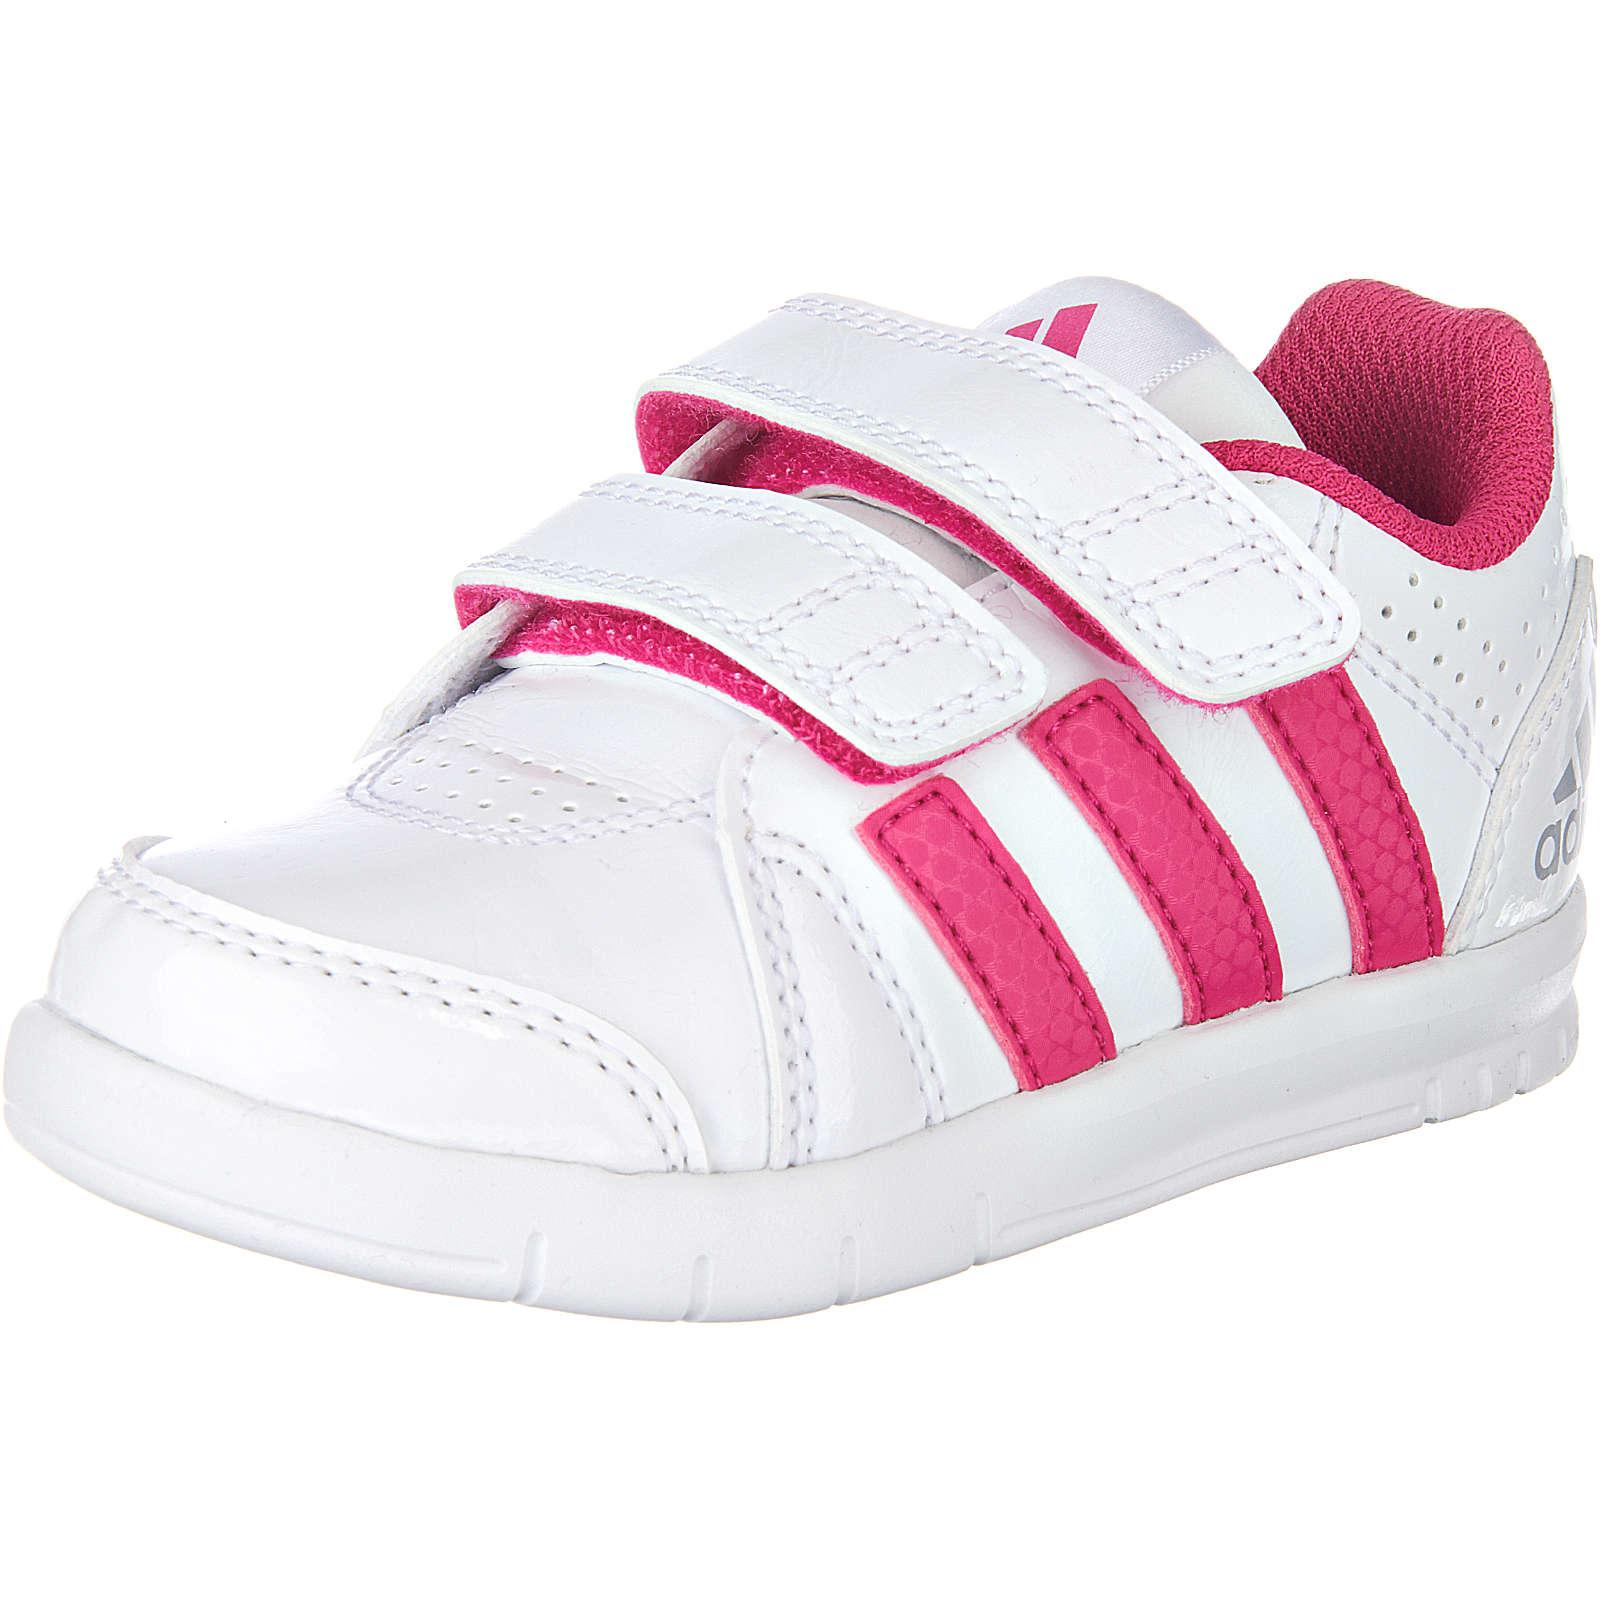 adidas Performance Baby Sneakers LK Trainer pink/weiß Mädchen Gr. 25